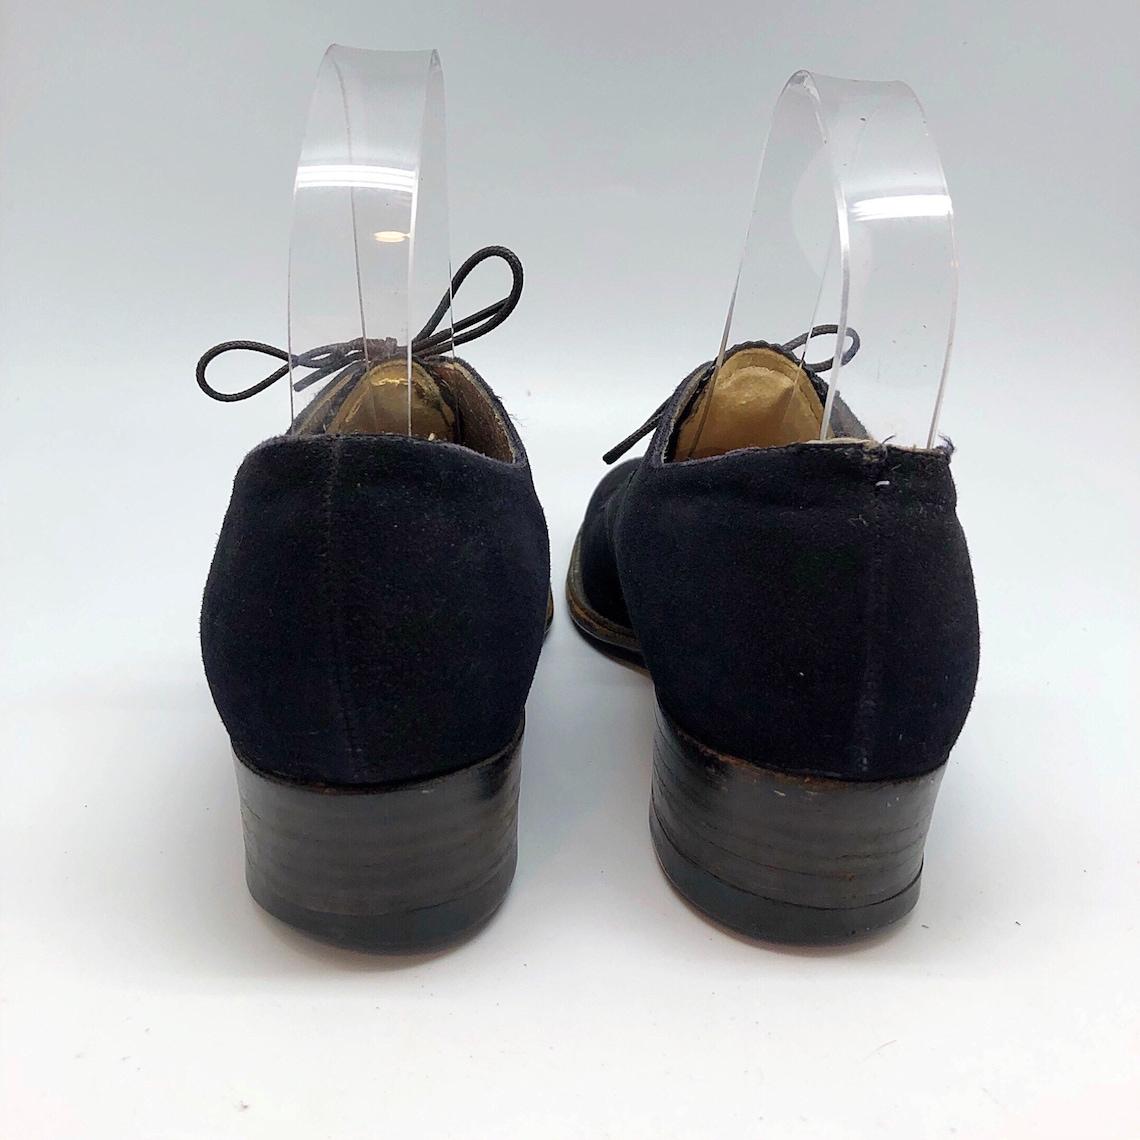 Pizzo in suede nero degli anni '30:5.5 fino alla toe tallone basso - Scarpe alla moda 1MmcDbiZ Fqn9Qq 9eoAGy